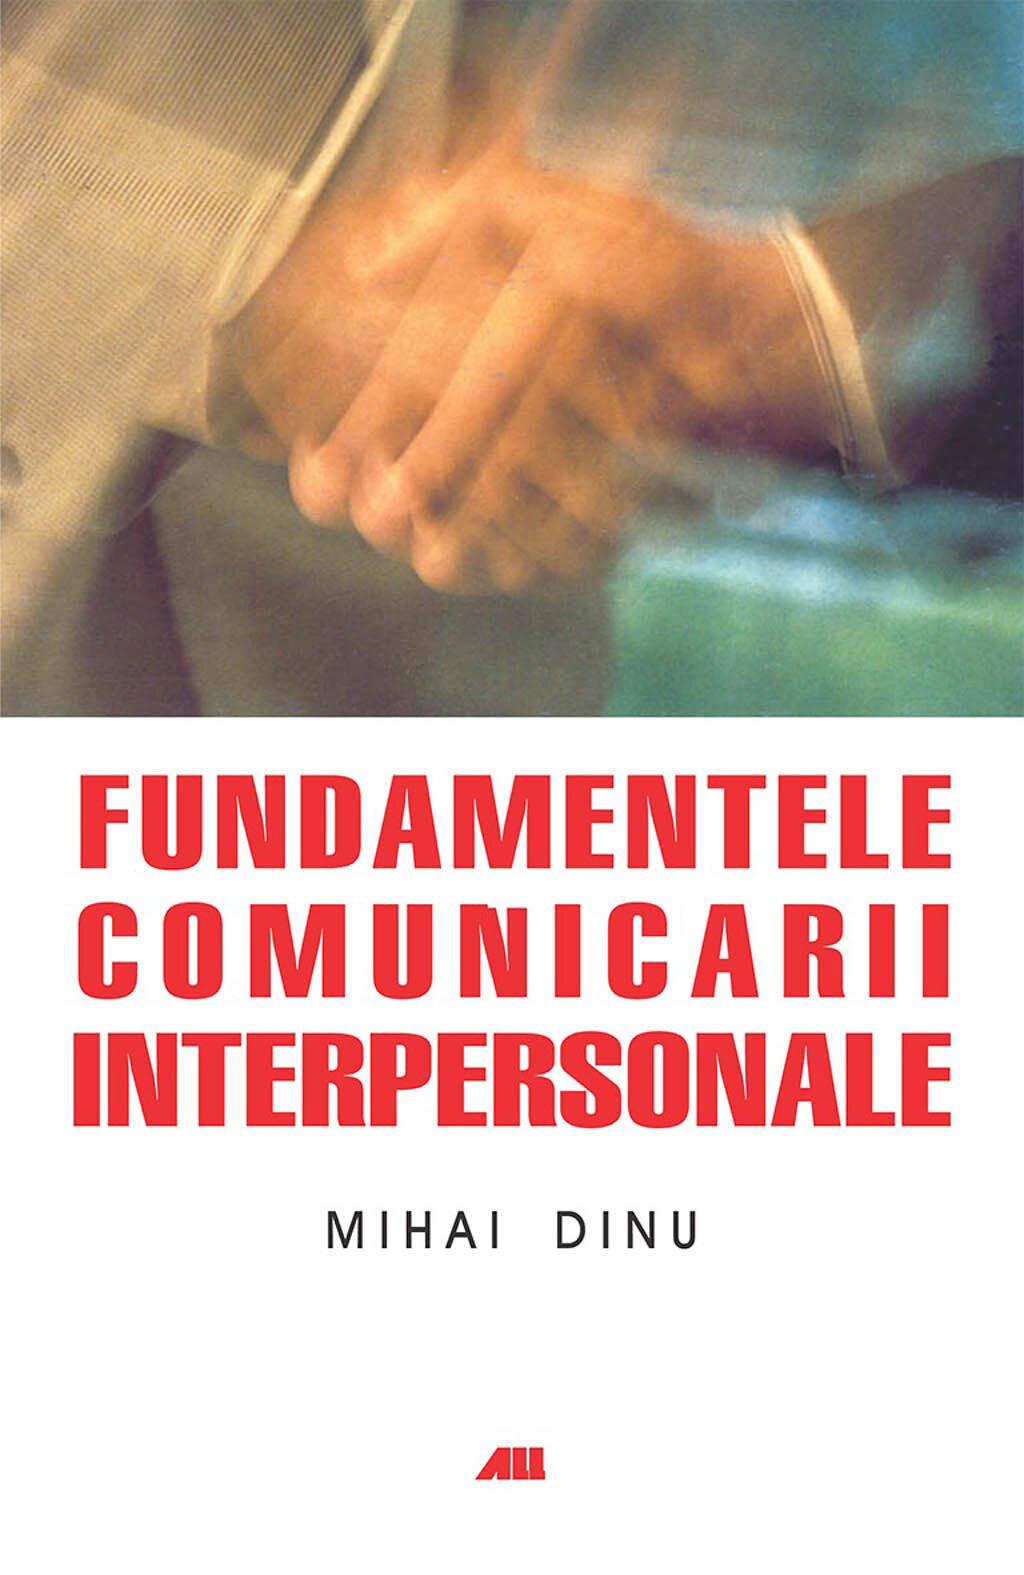 Fundamentele comunicarii interpersonale (eBook)